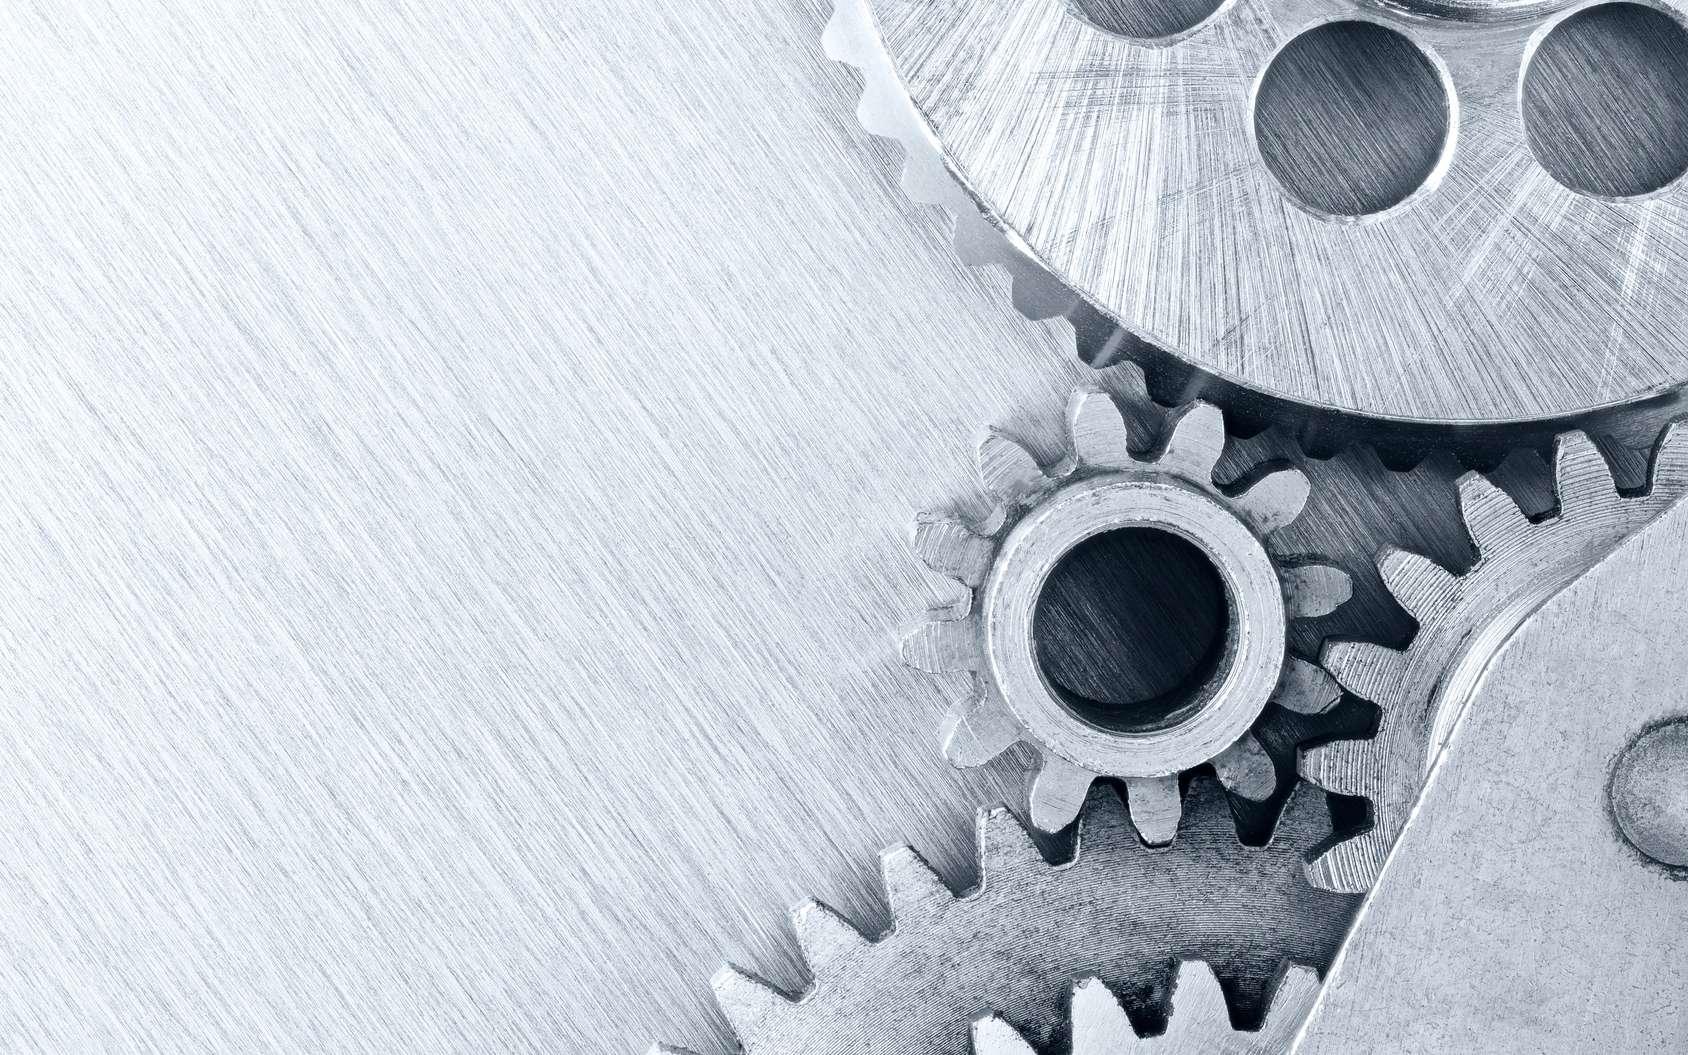 Une machine désigne un ensemble d'appareils dont le travail est le plus souvent mécanique. © Mr Twister, Fotolia